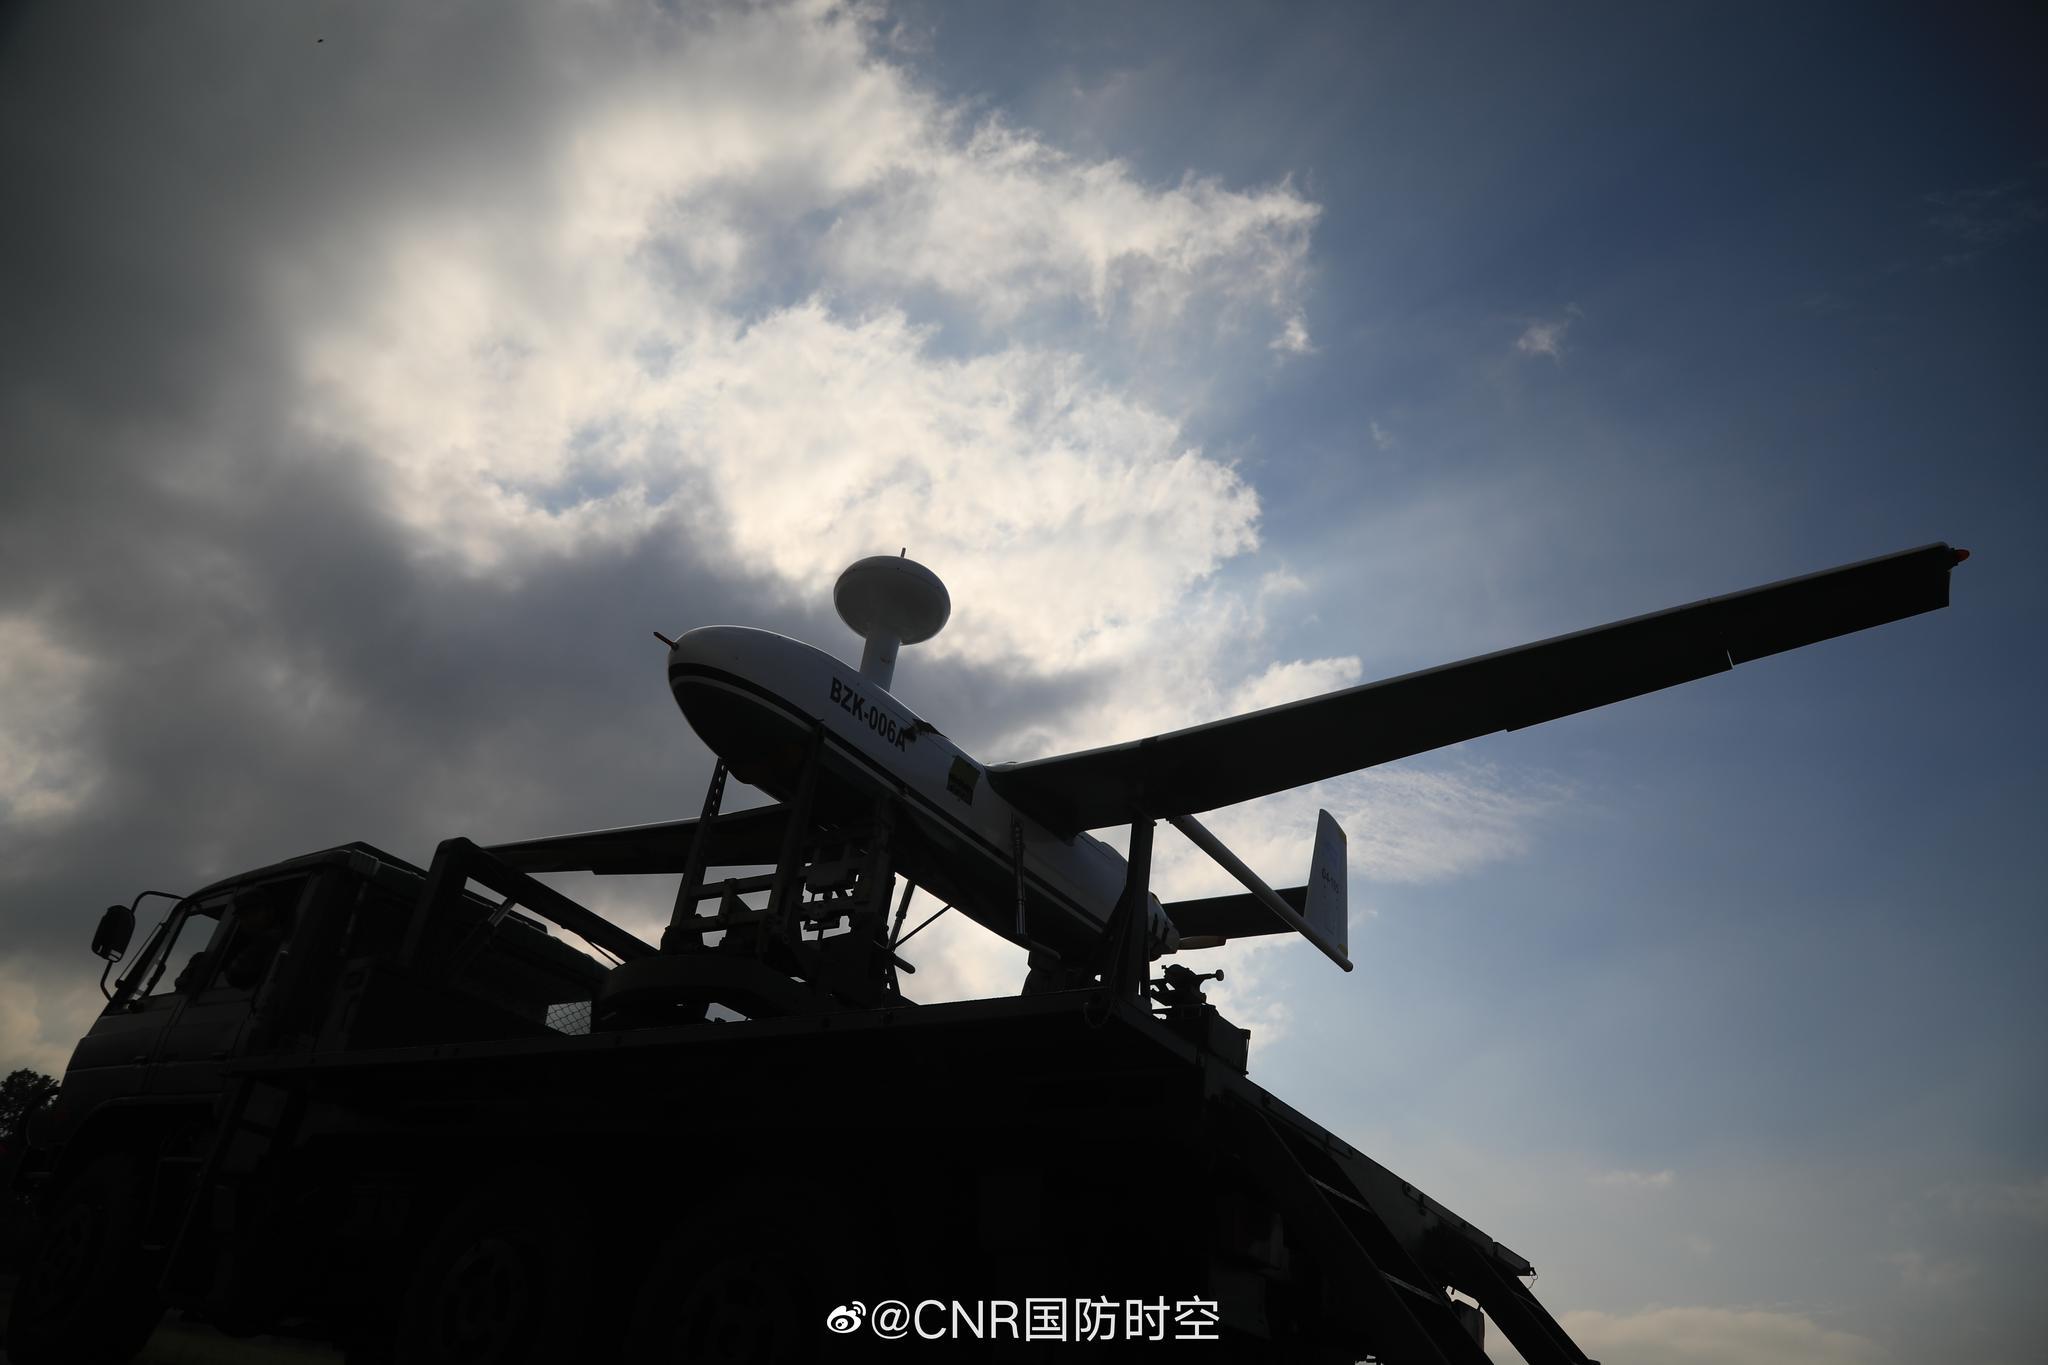 无人机作为侦察监视、目标定位、毁伤评估的新型信息化武器